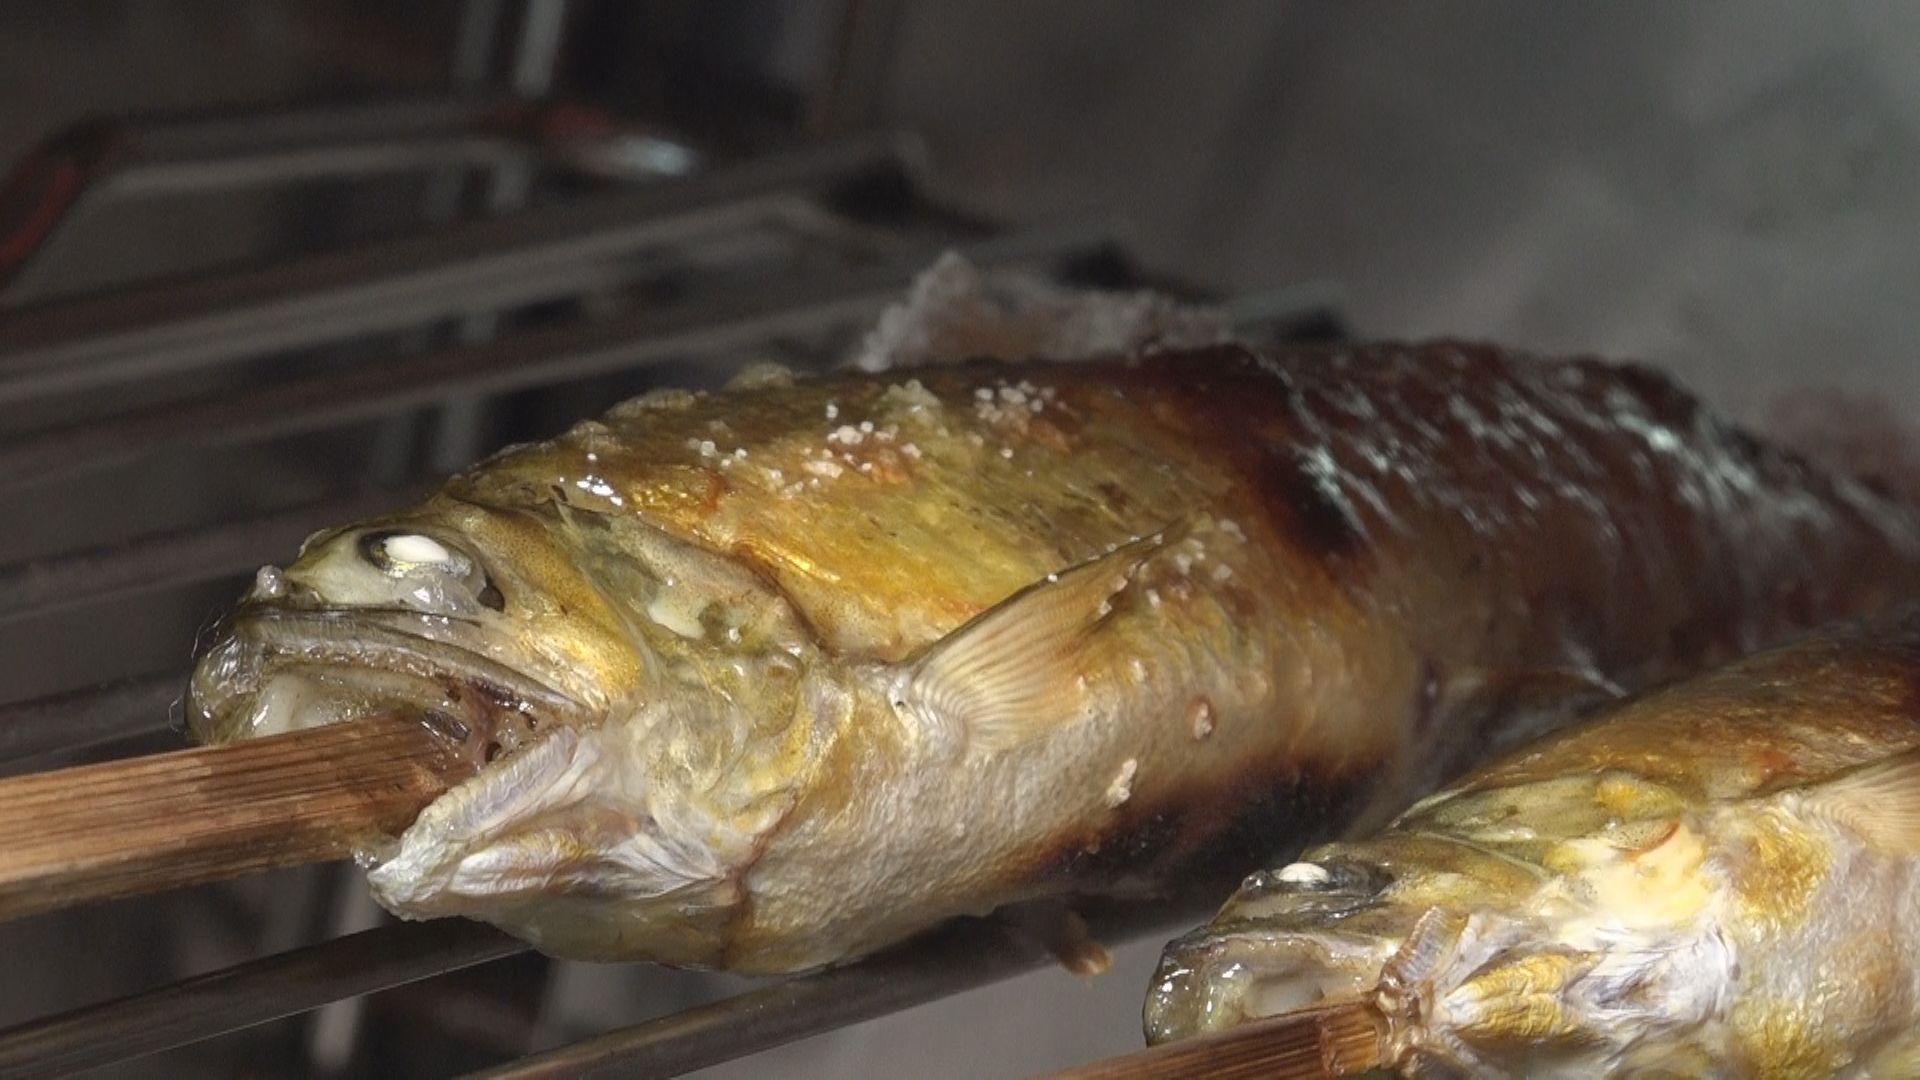 自分で焼きあげる鮎の味付けはは塩・味噌・酢醤油の中から選ぶことができる。